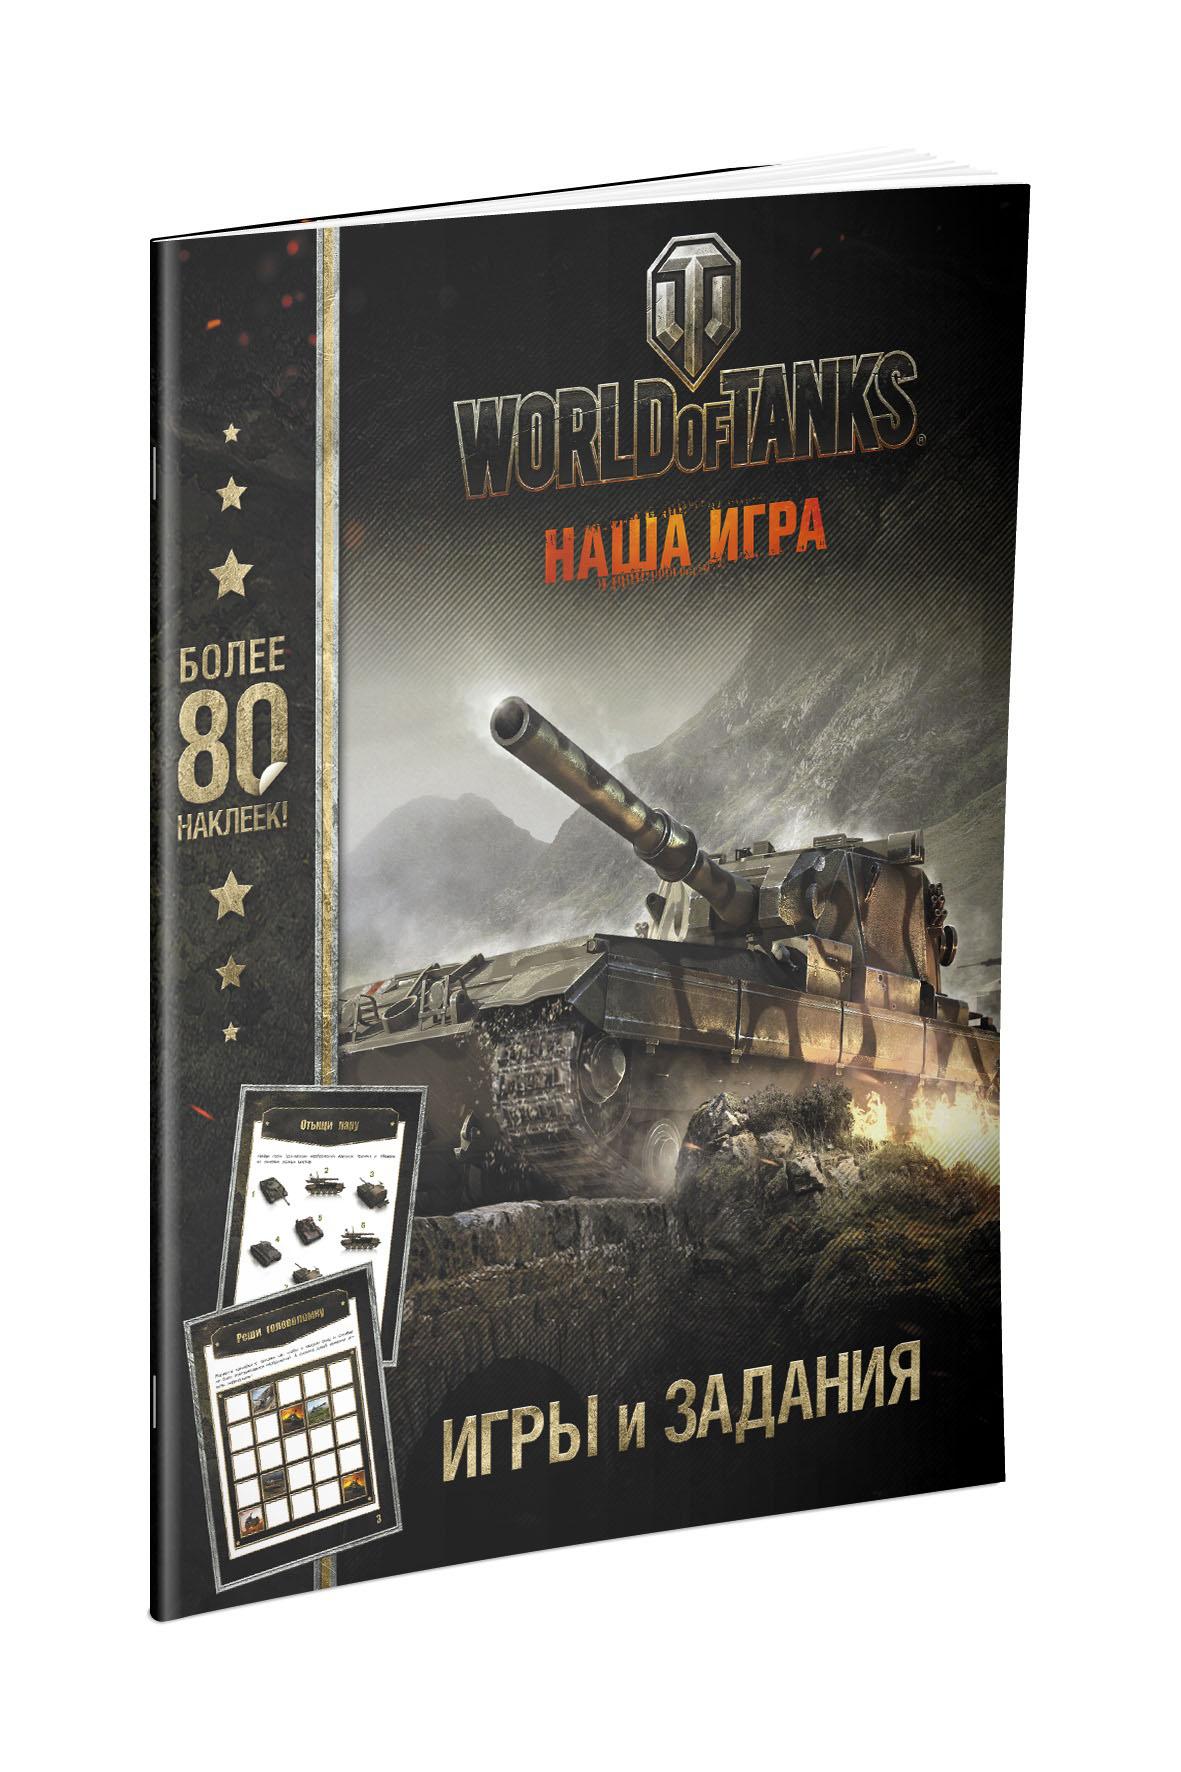 World of Tanks. Игры и задания (с наклейками) world of tanks официальный сайт золото за смс